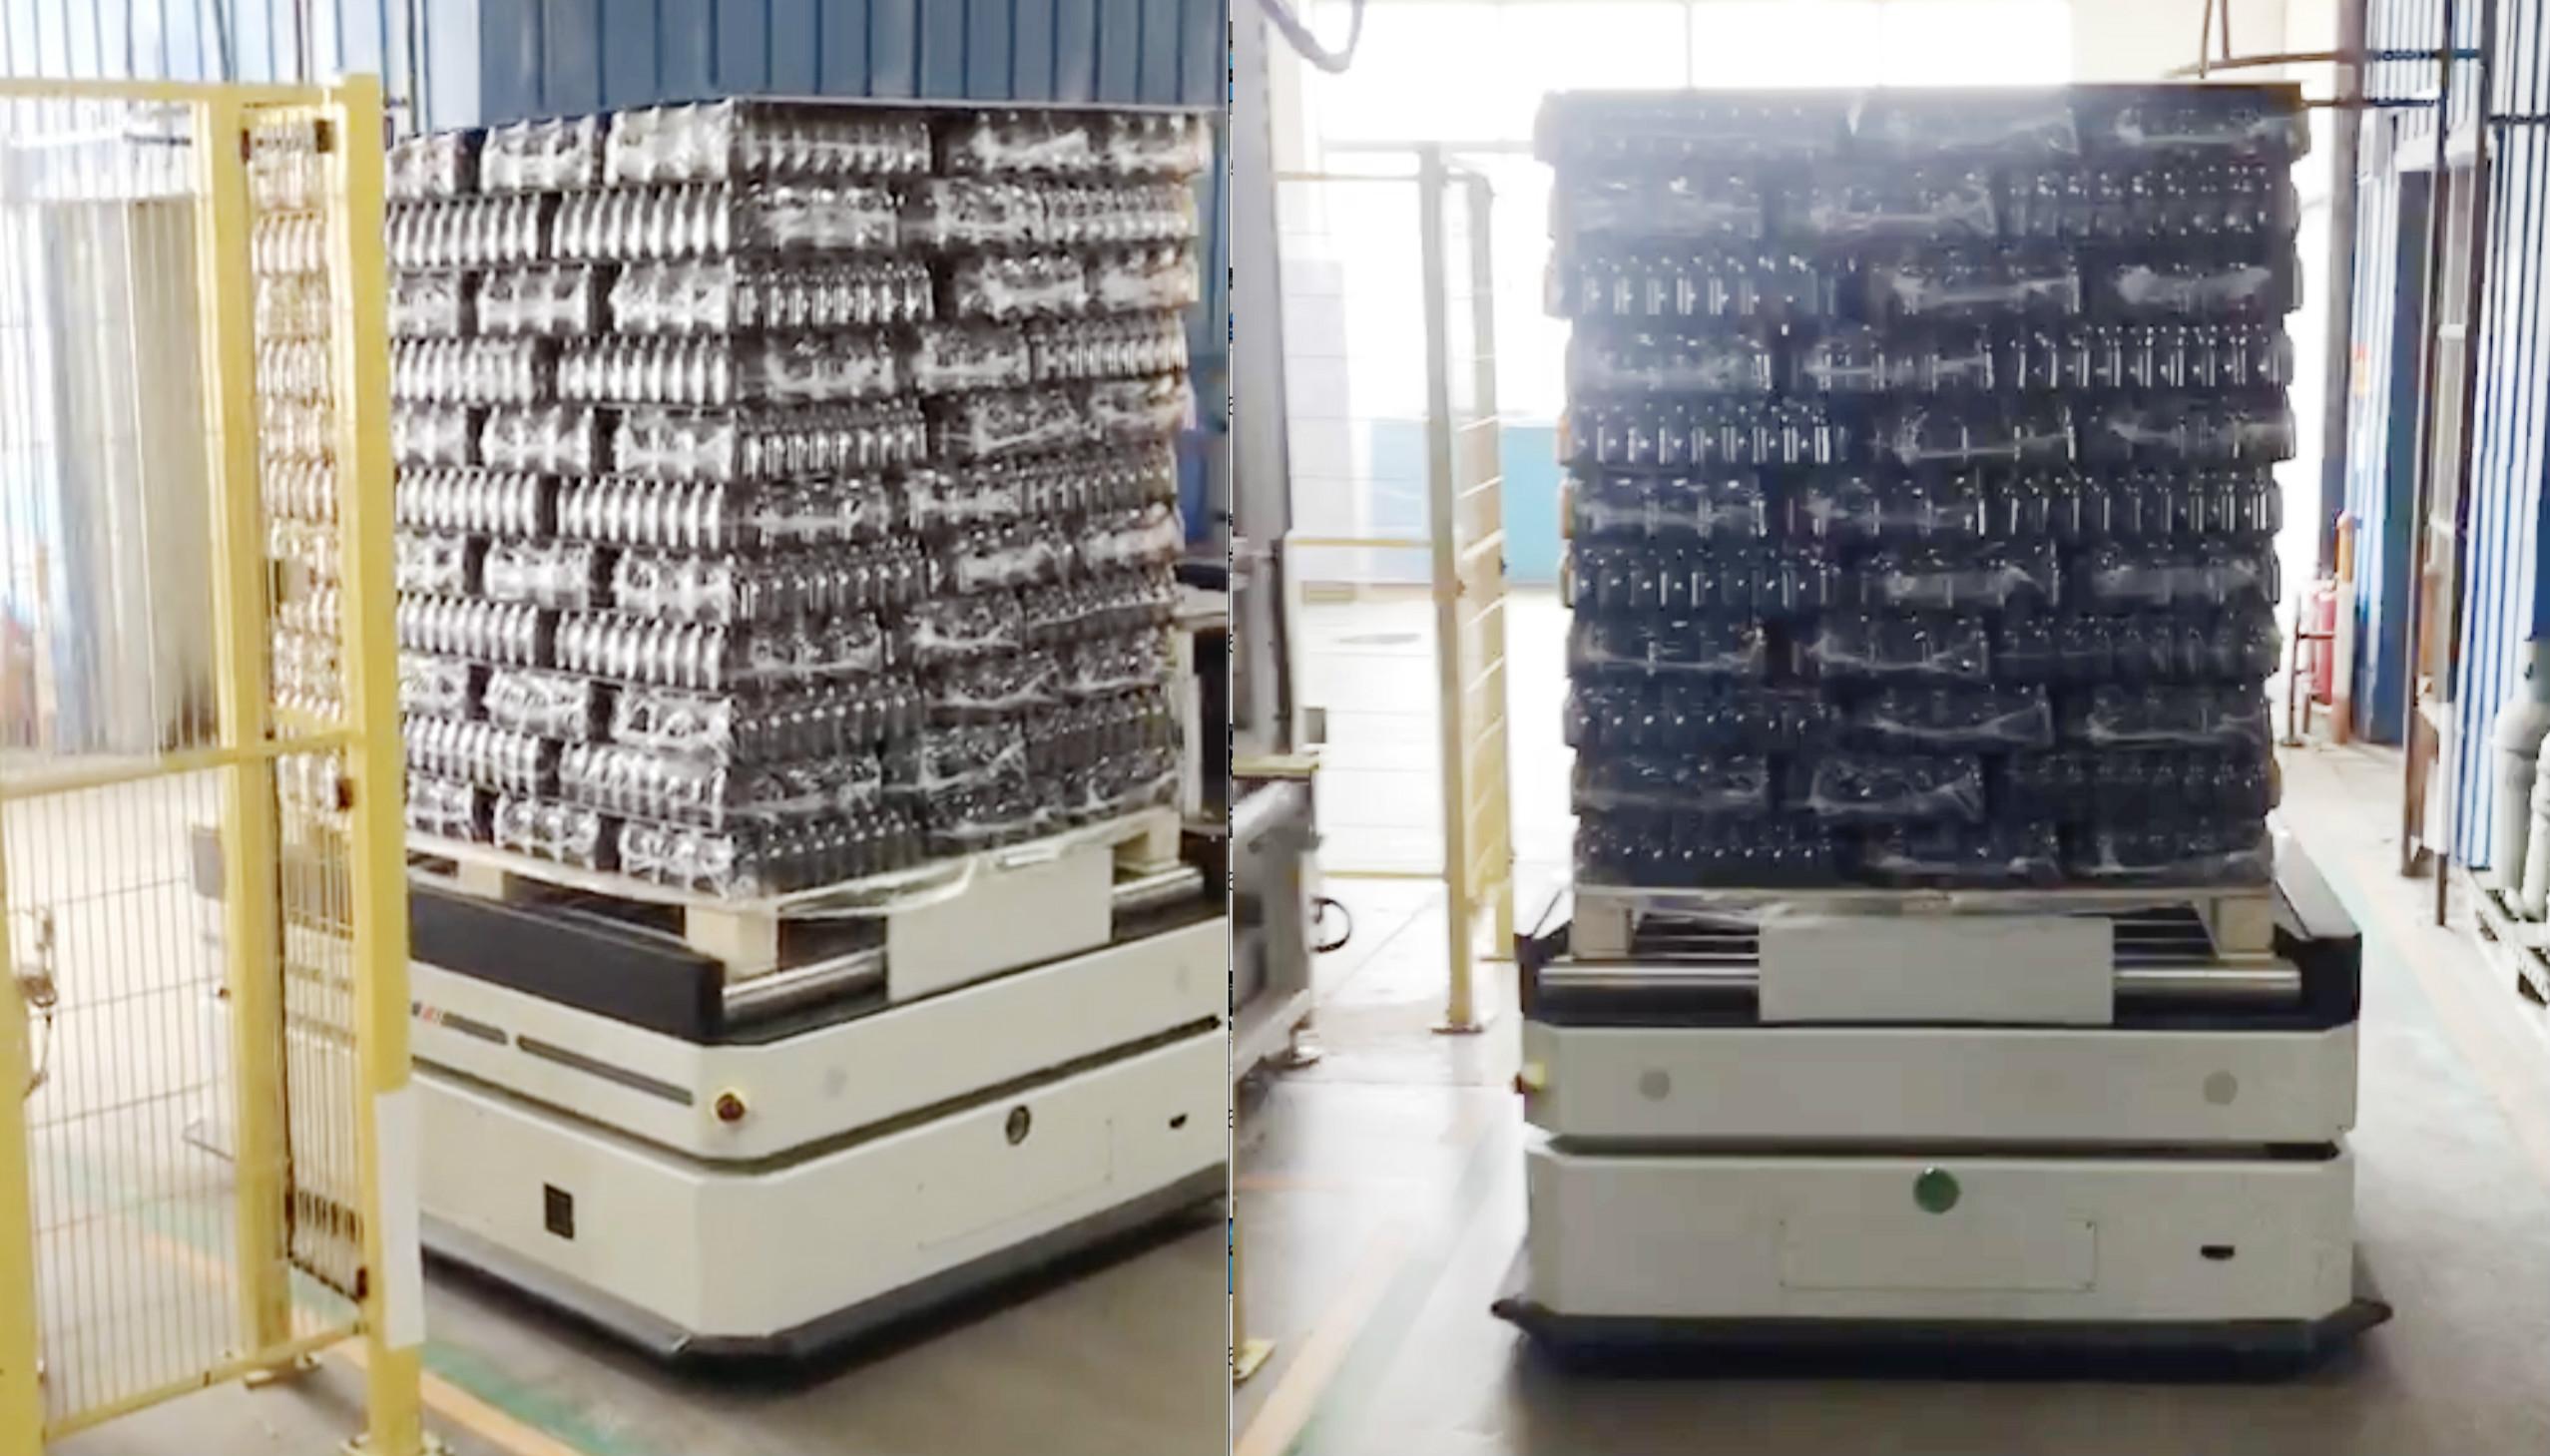 迦智科技重载AGV助力企业高效精益生产物流